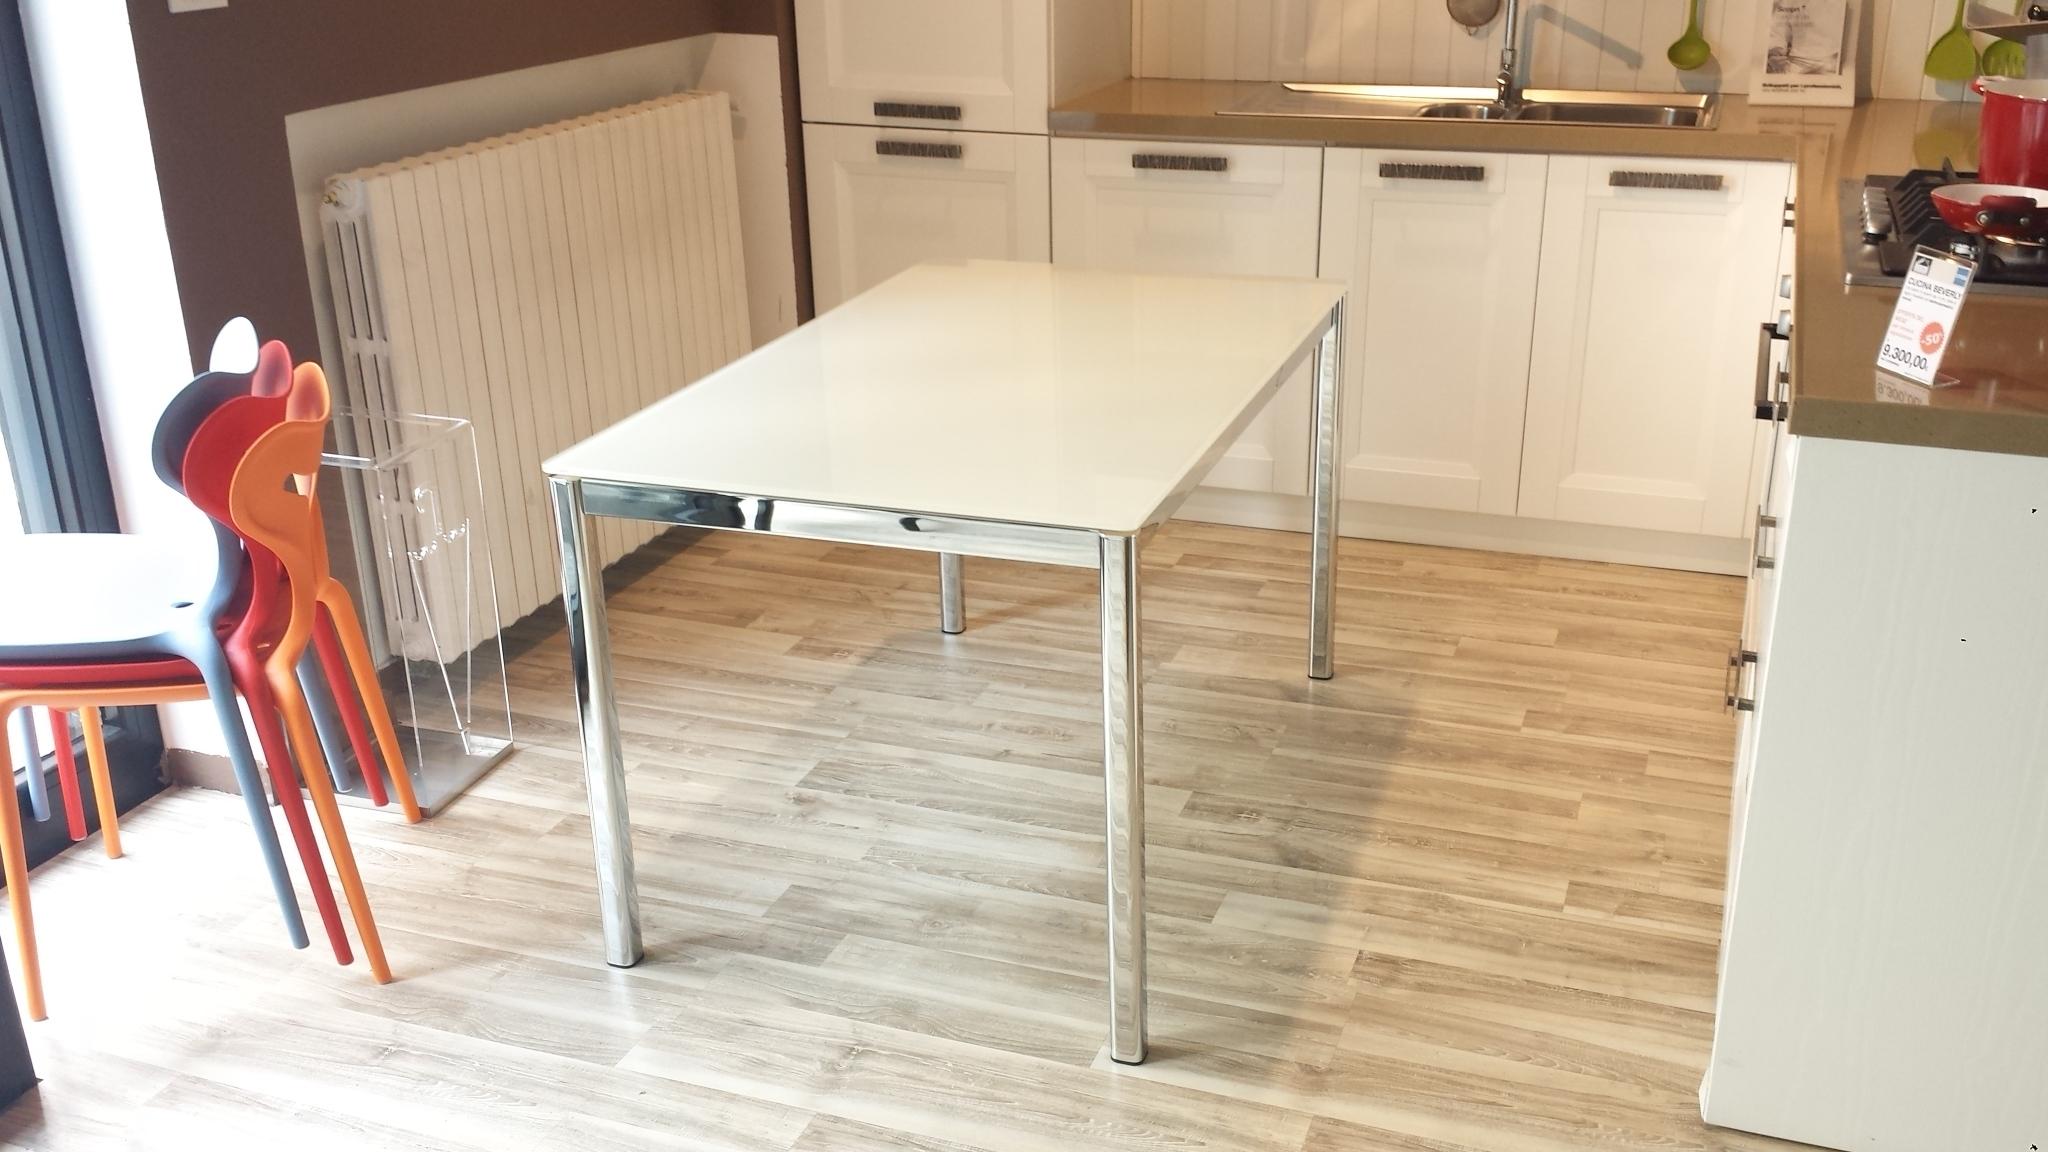 Tavolo da cucina allungabile performance 20256 tavoli a - Tavoli bianchi da cucina ...